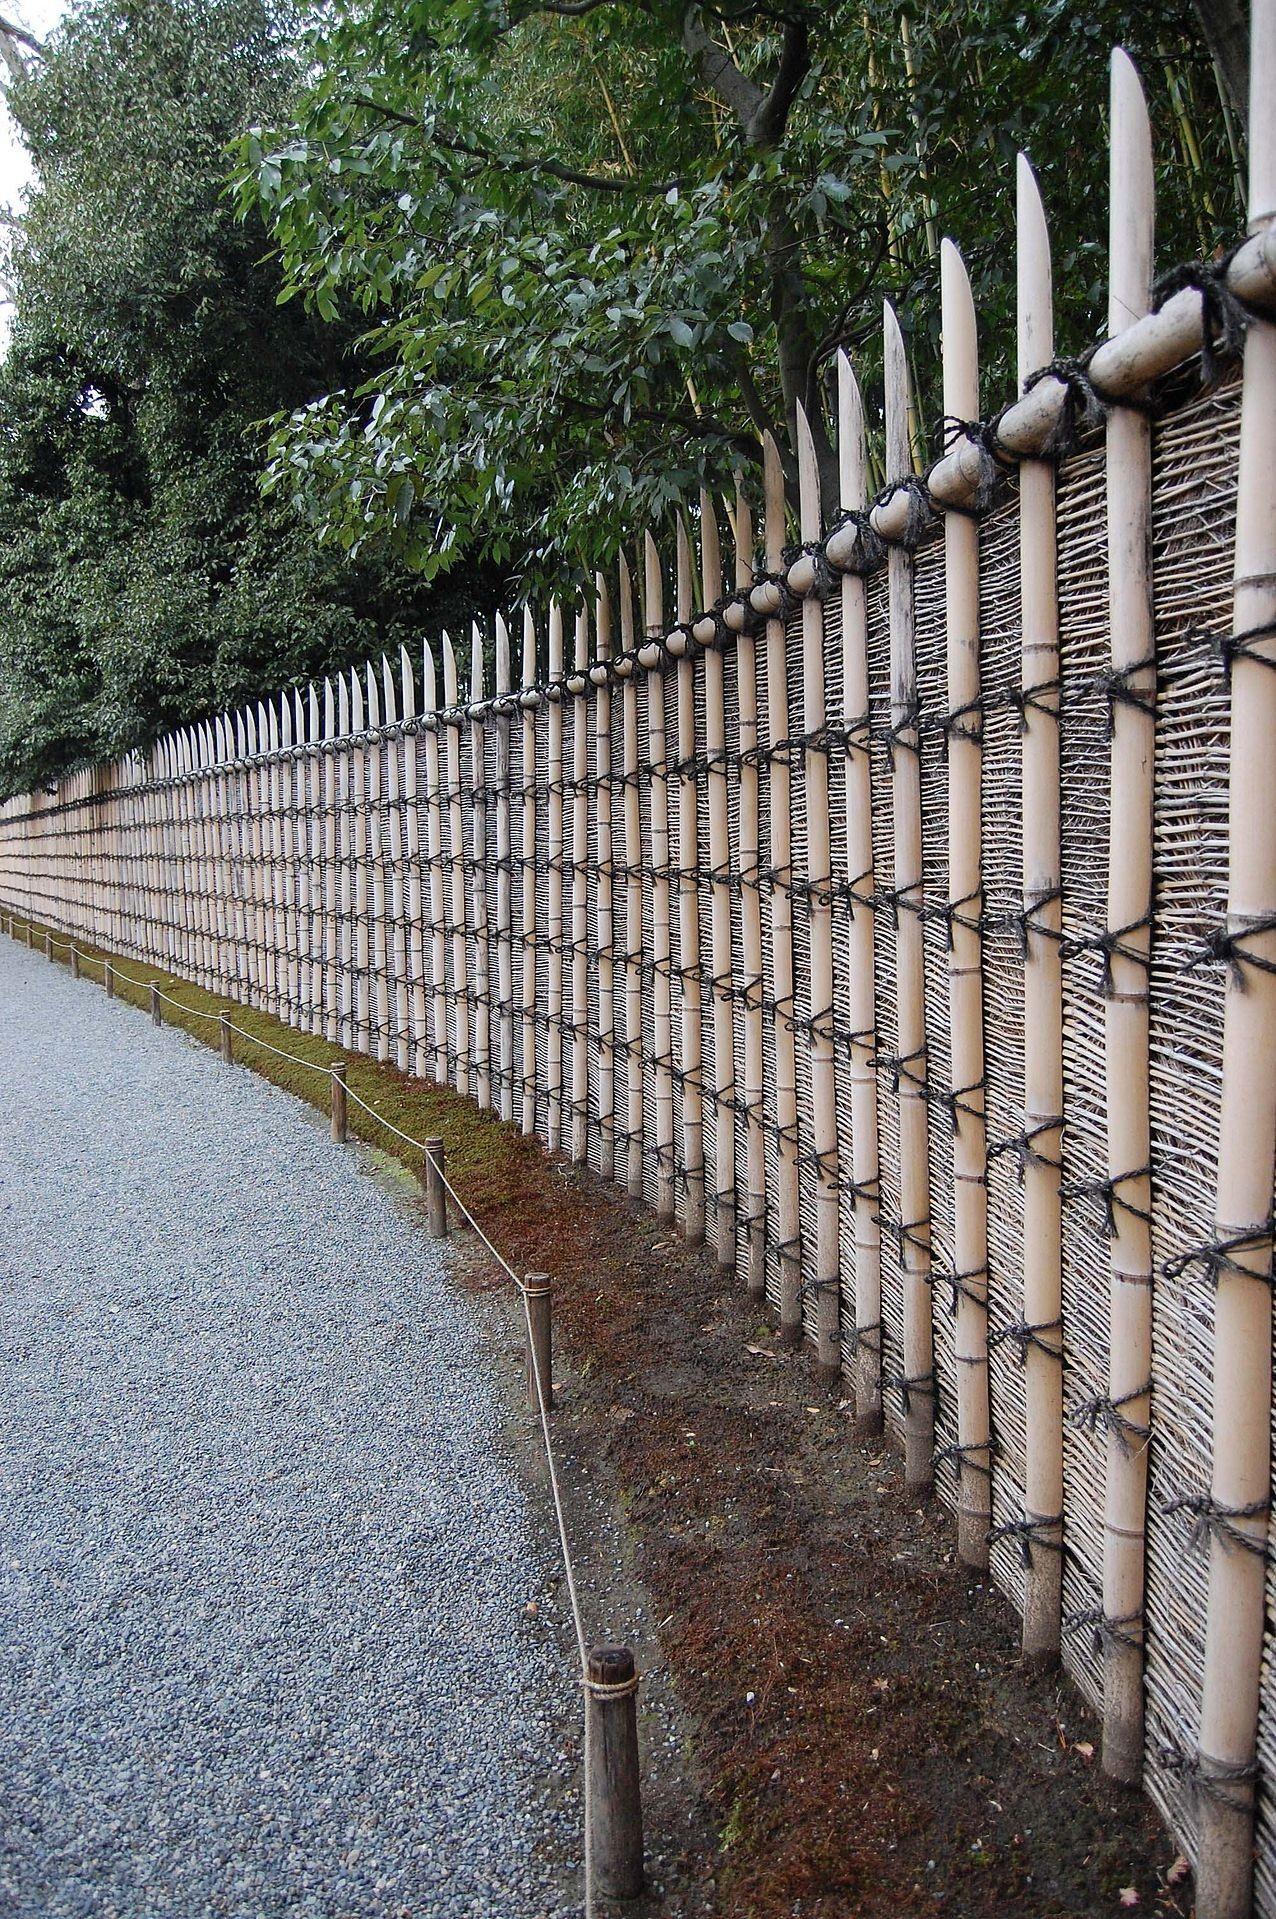 Pin By Tamiyo Hasegawa On Japanese Bar Bamboo Garden Bamboo